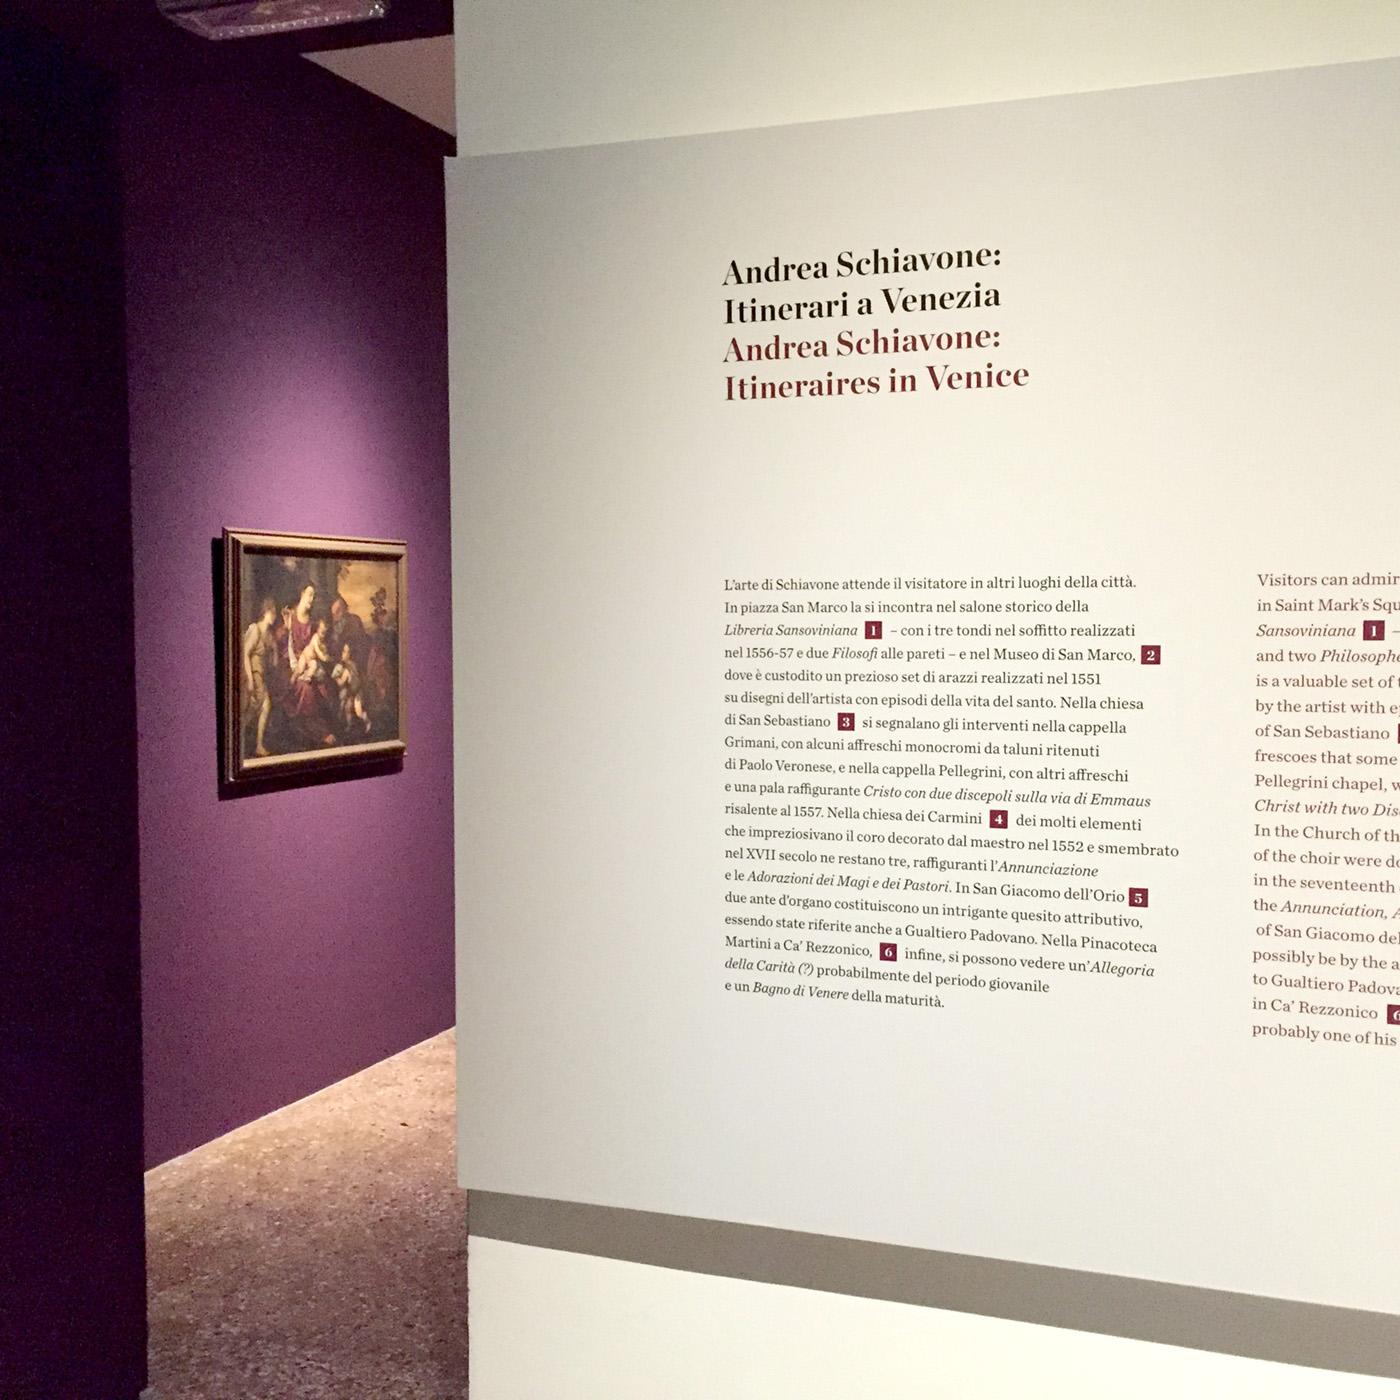 Splendoridel-Rinascimento-VenezianoSchiavone-tra-ParmigianinoTintoretto-e-Tiziano-006